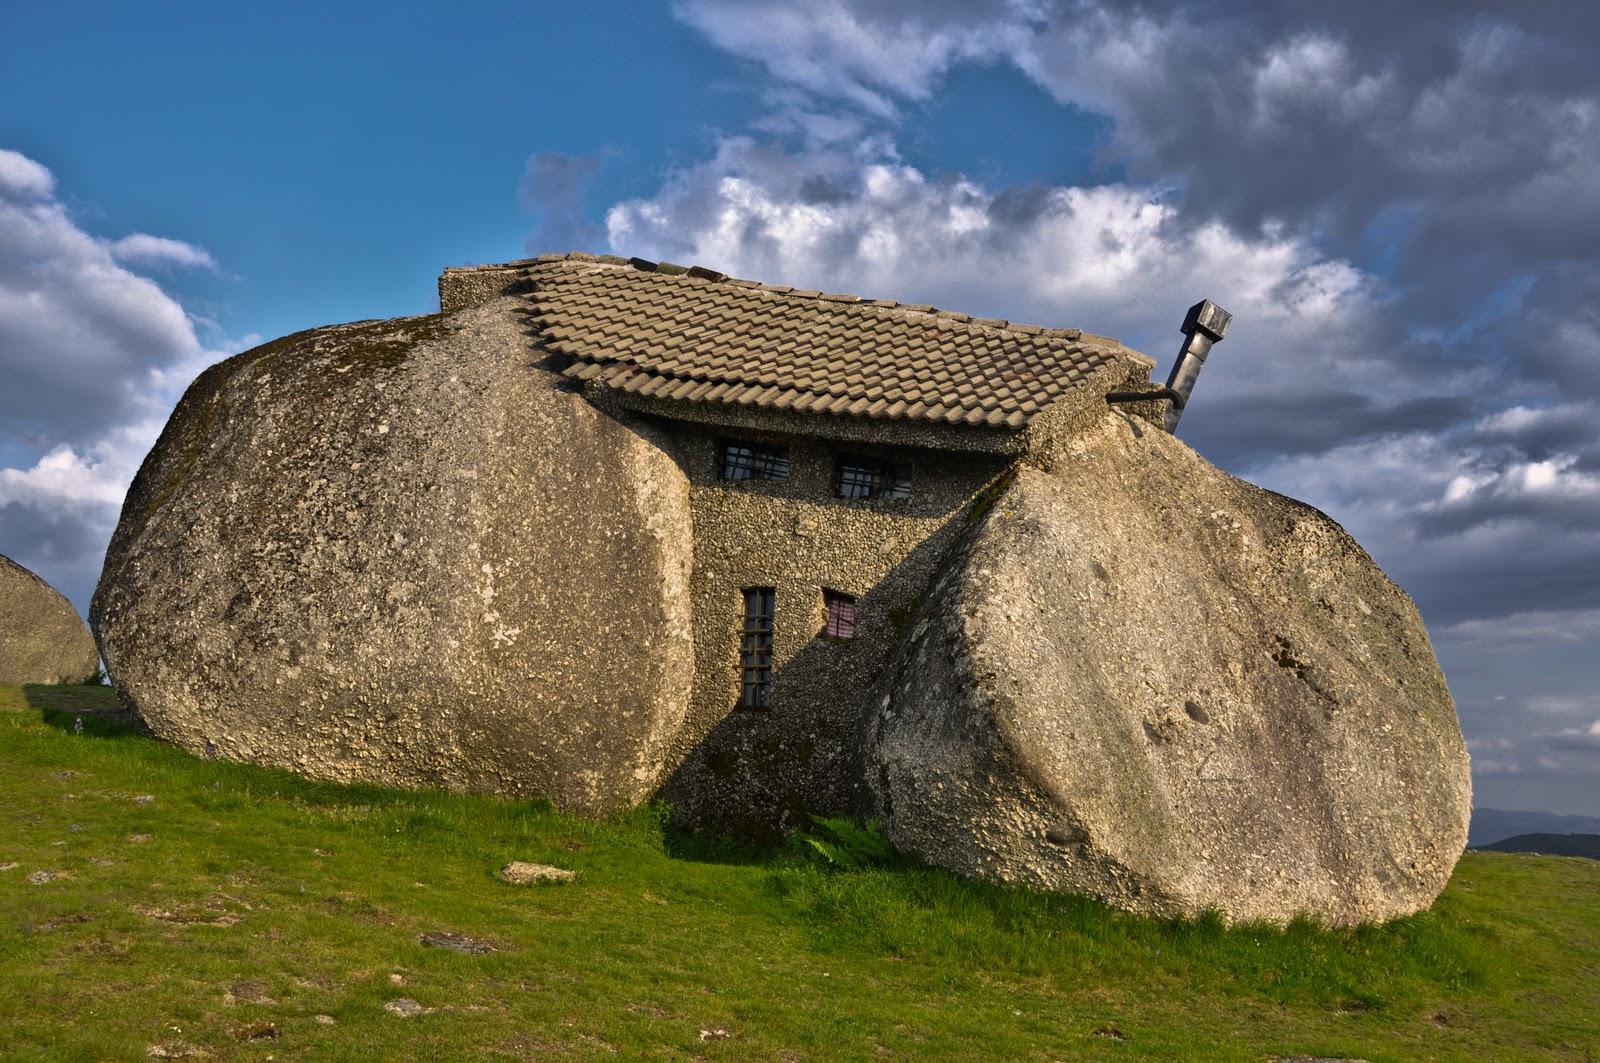 البيت الحجري stone house